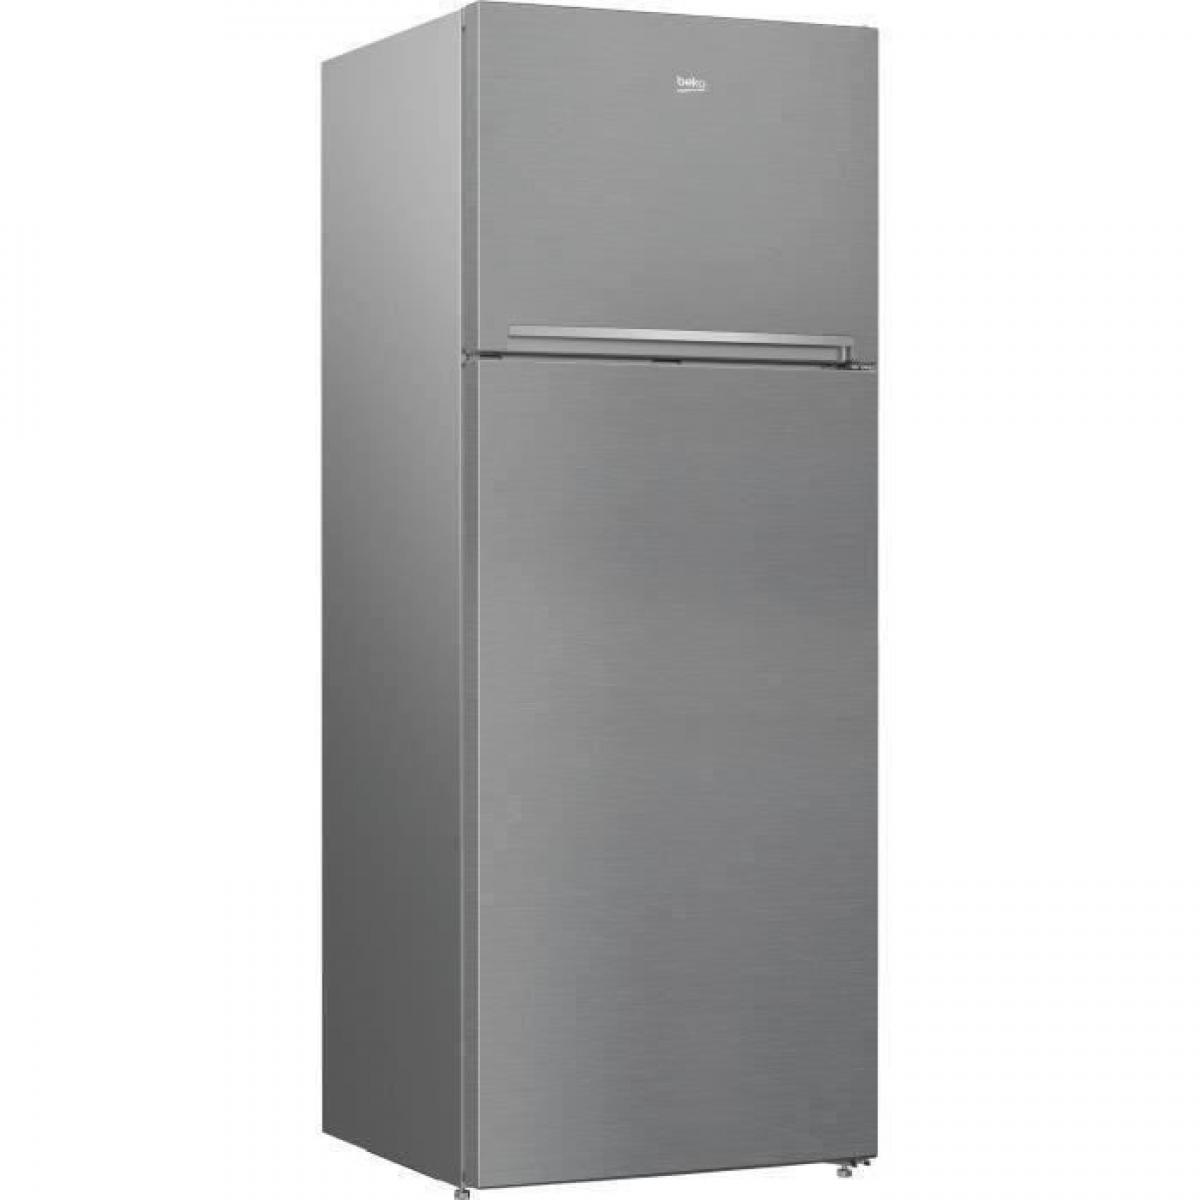 Beko BEKO RDNE455K30ZXBN Réfrigérateur congélateur haut - 406 L (313+93) - Froid ventilé - NeoFrost - A++ - Métal brossé